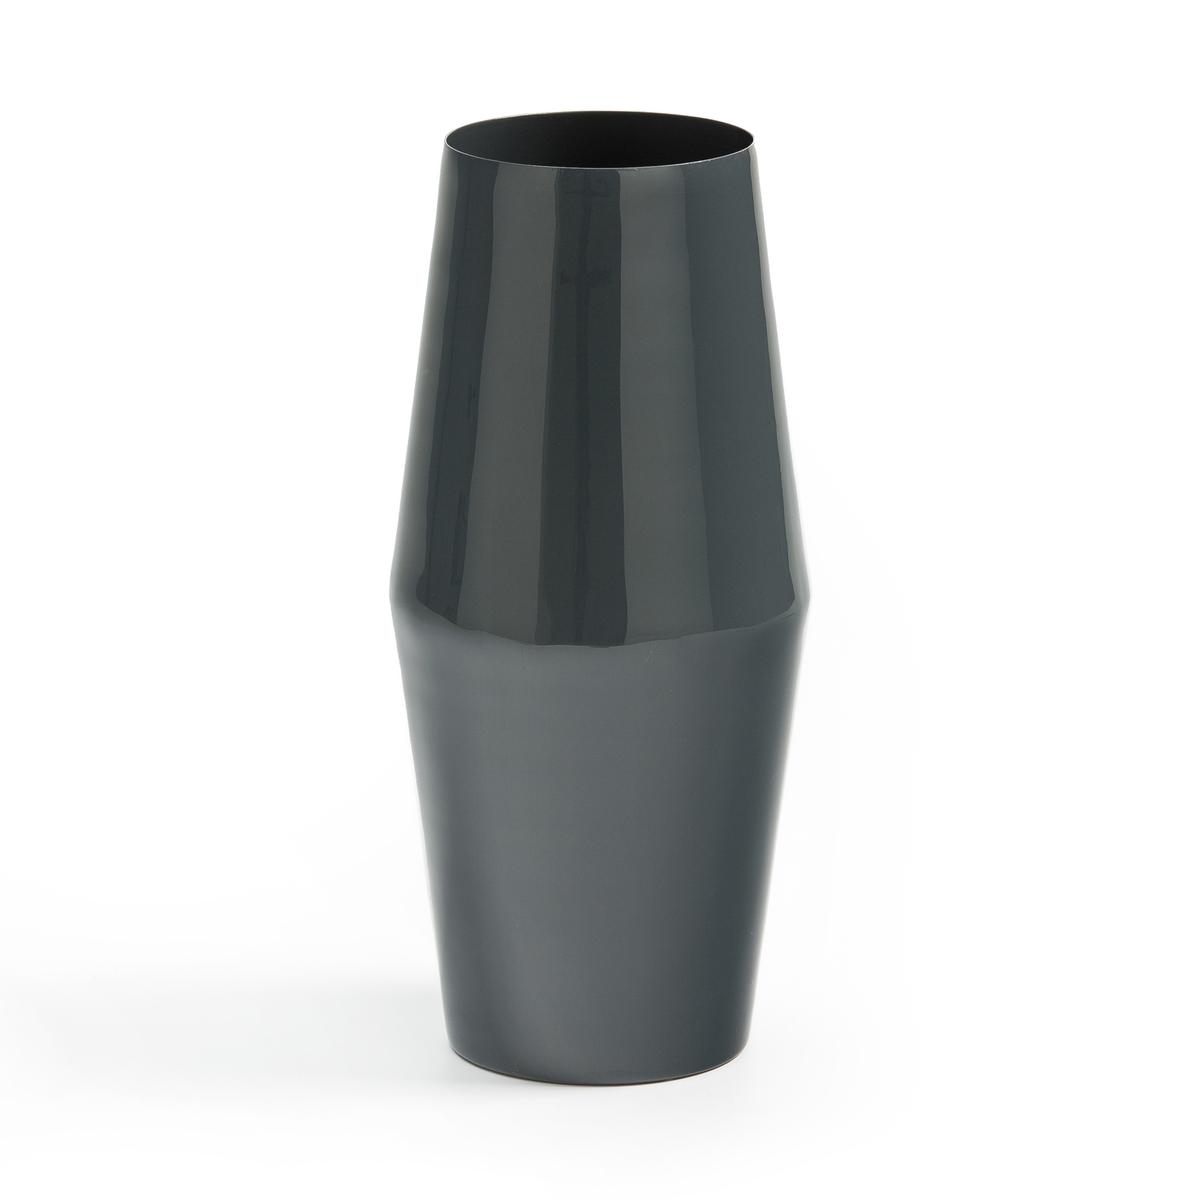 Ваза La Redoute Из металла в стиле -х В см Plana единый размер серый ваза керамическая 14 х 10 х 38 см